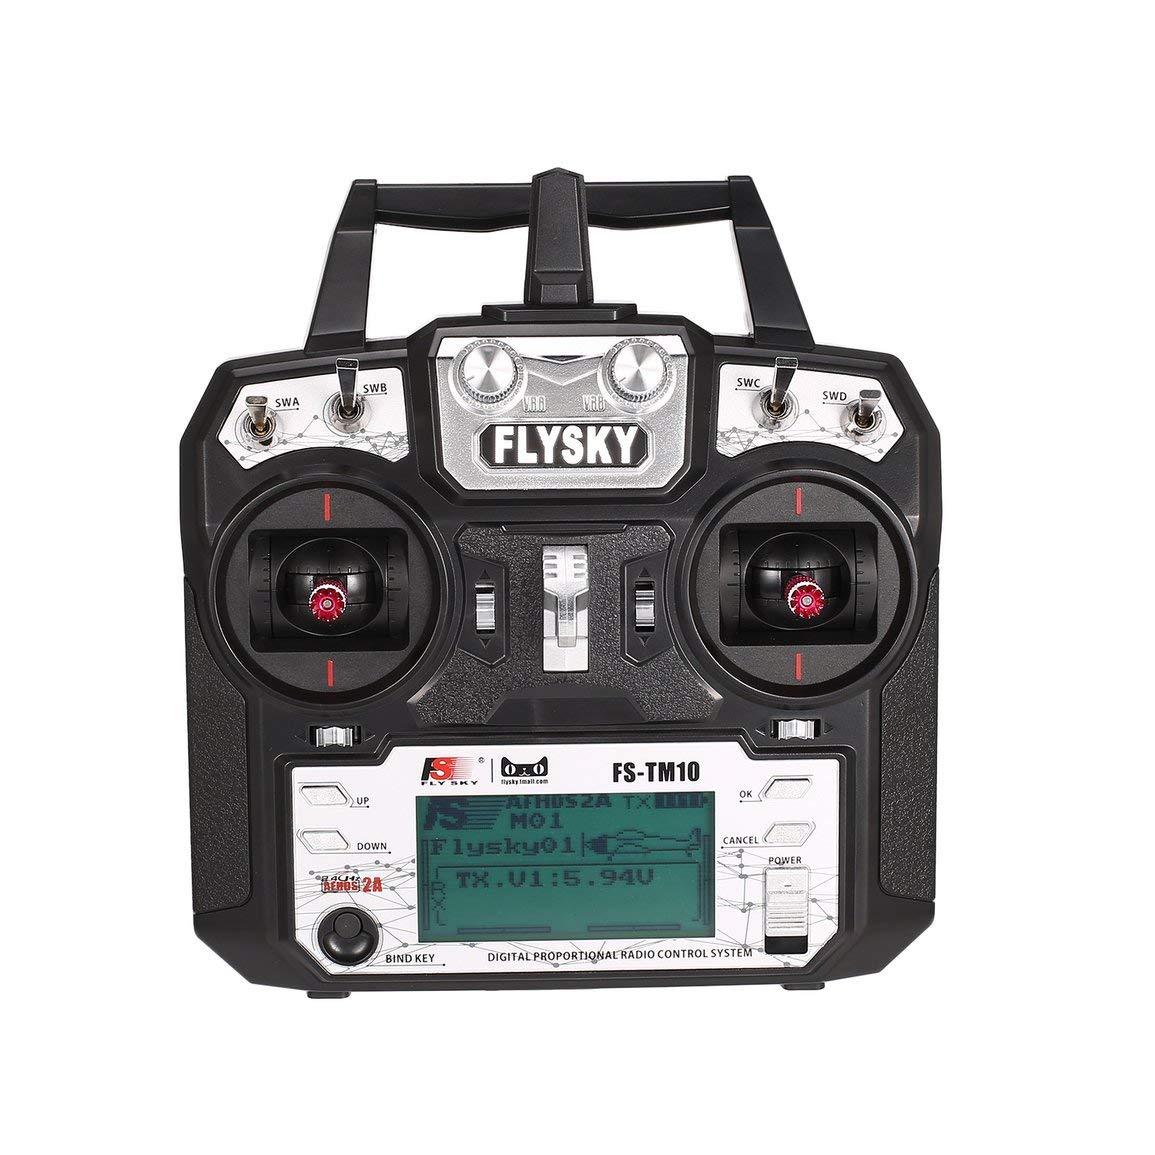 Flysky FS-TM10 FS-i6X FS-IA10B-Empfänger 10CH 2,4-GHz-AFHDS-RC-Sender-Funkmodell-Fernbedienungssystem mit FS-IA10B-Empfänger FS-i6X c538cf